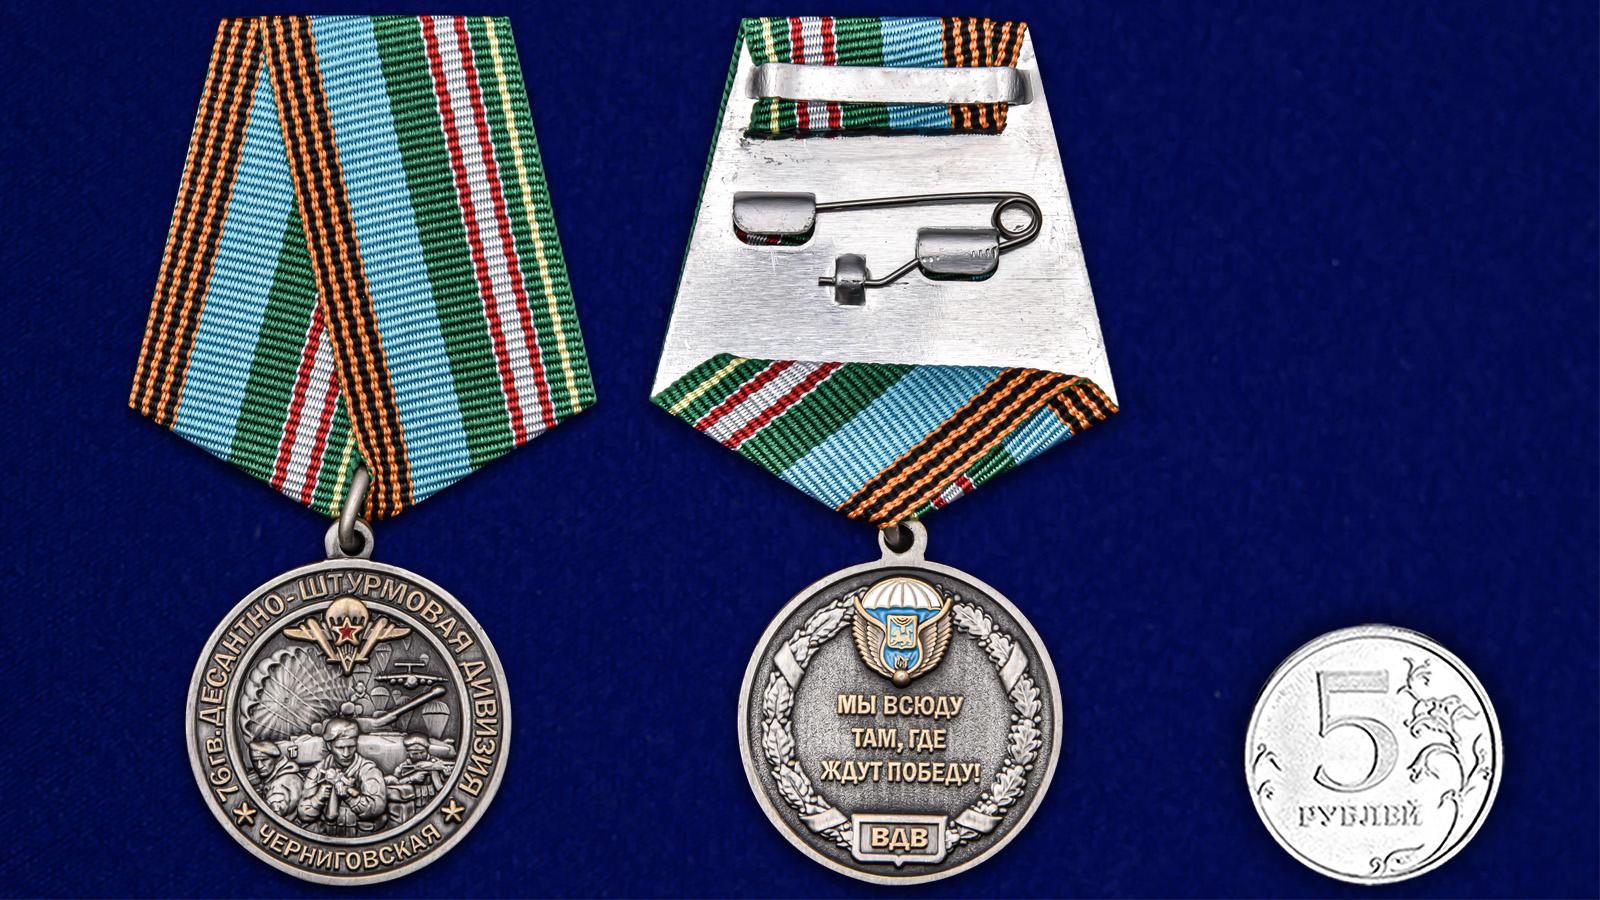 Латунная медаль 76-я гв. Десантно-штурмовая дивизия - сравнительный вид